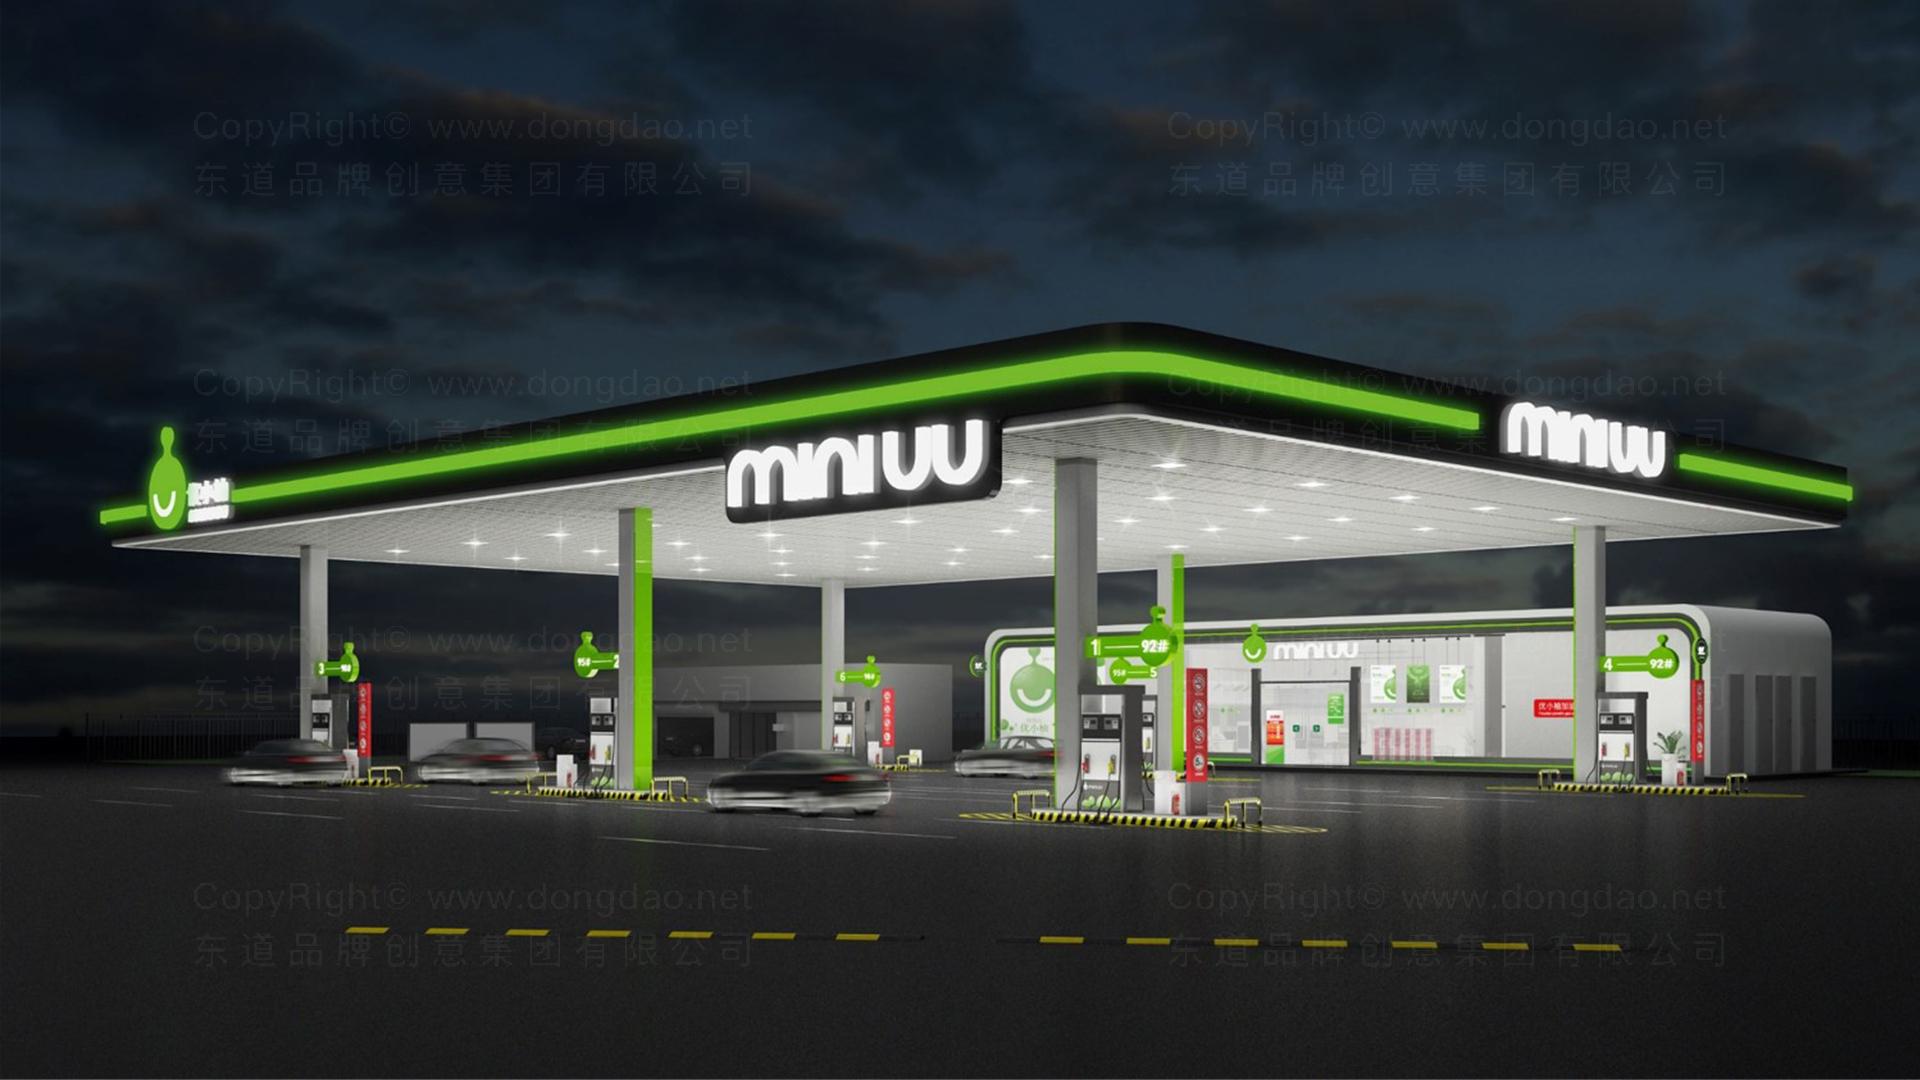 商业空间&导示优小柚加油站加油站SI设计应用场景